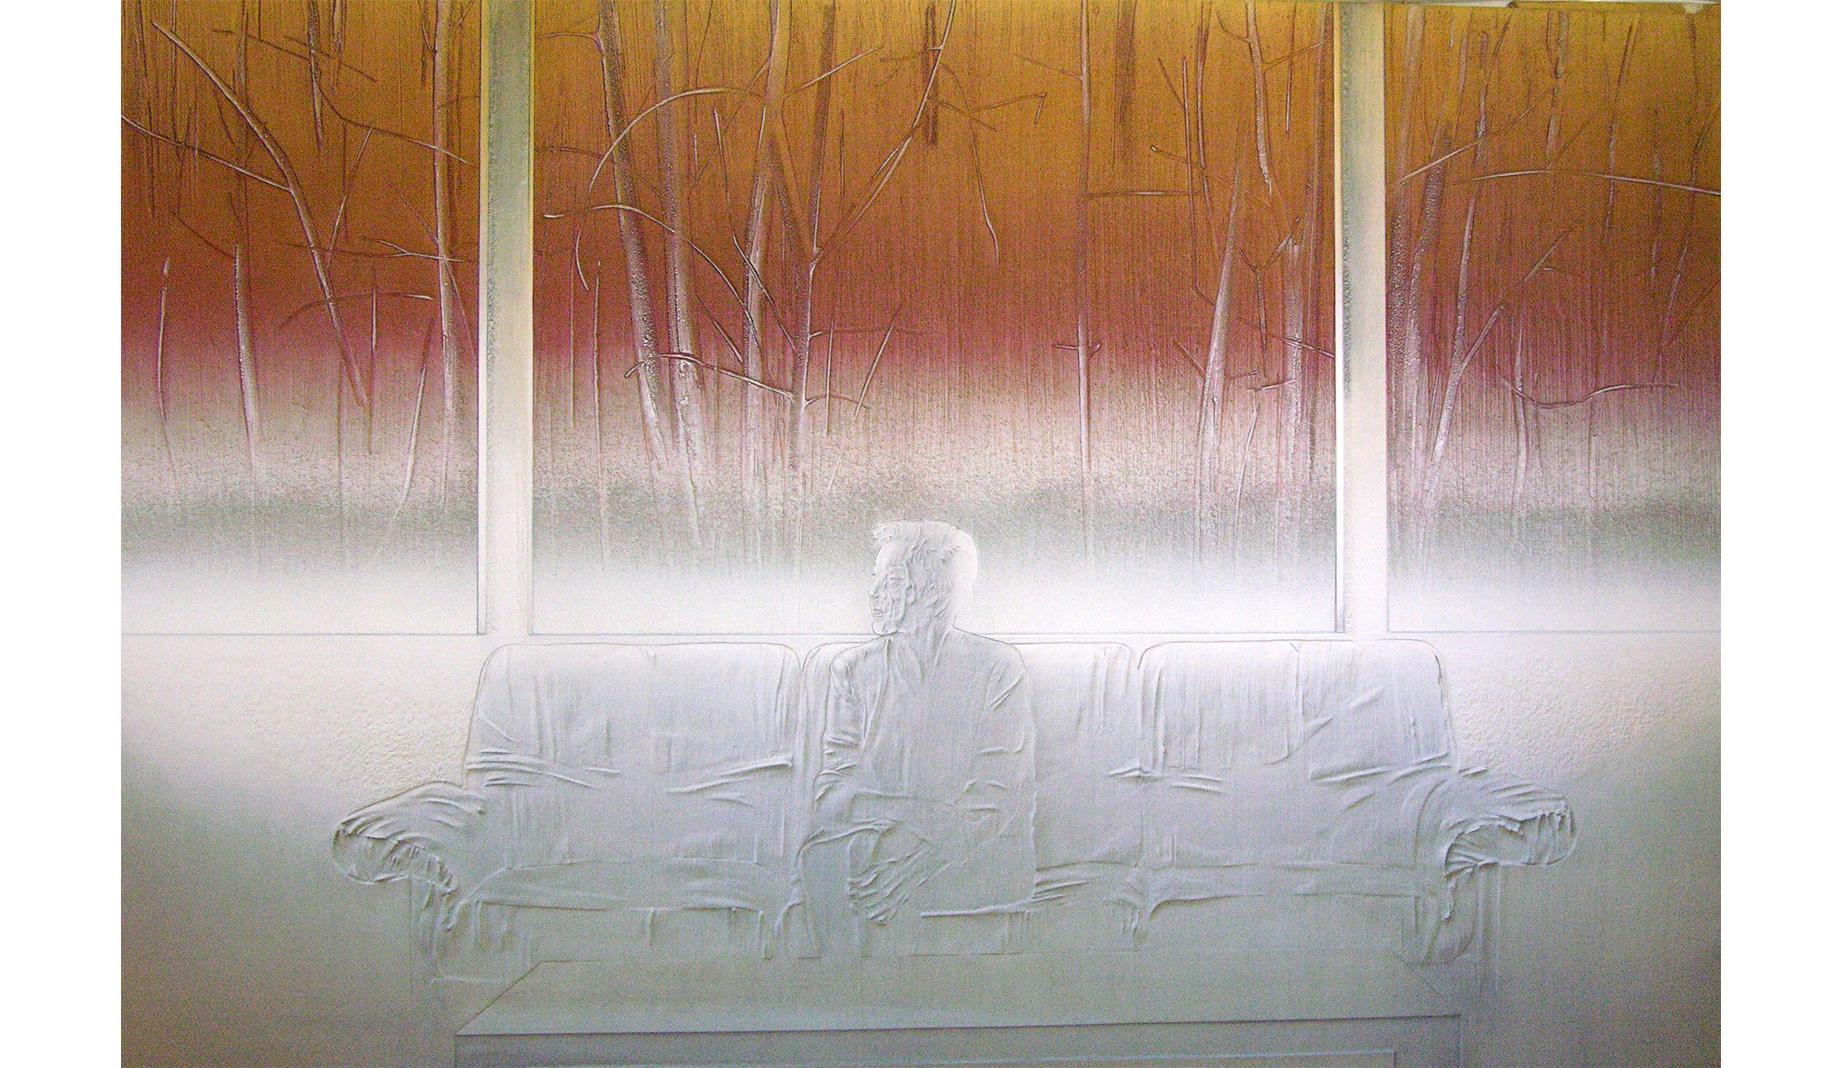 Giardino d'inverno 2003 - cm 225x150 - polvere di marmo, sabbia, colori acrilici, pietra pomice su compensato